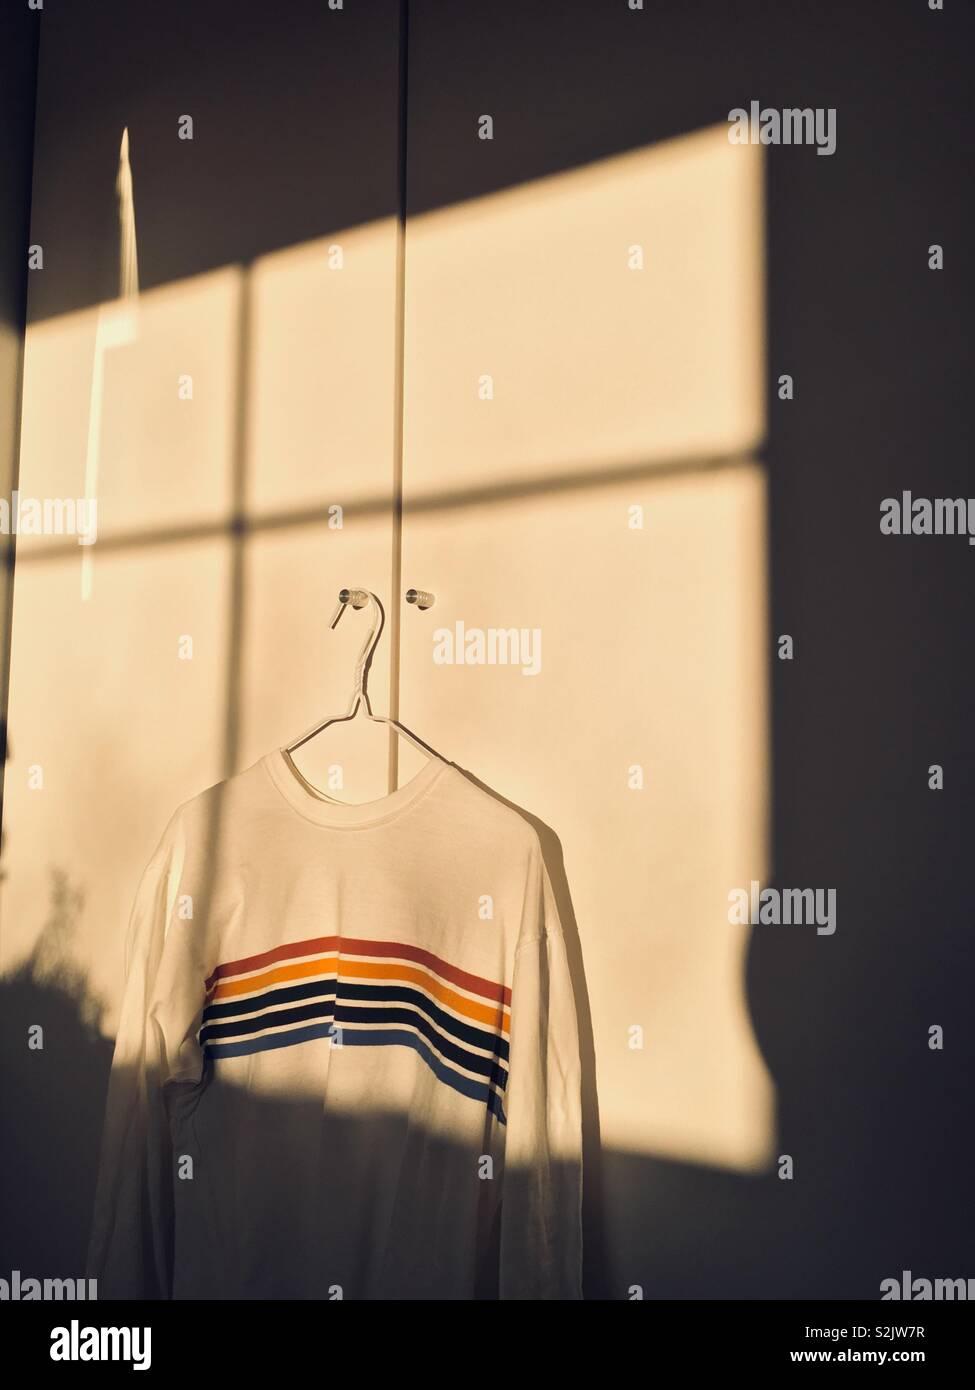 Rainbow maglione appeso a una parete bianca in interni con luce solare Immagini Stock